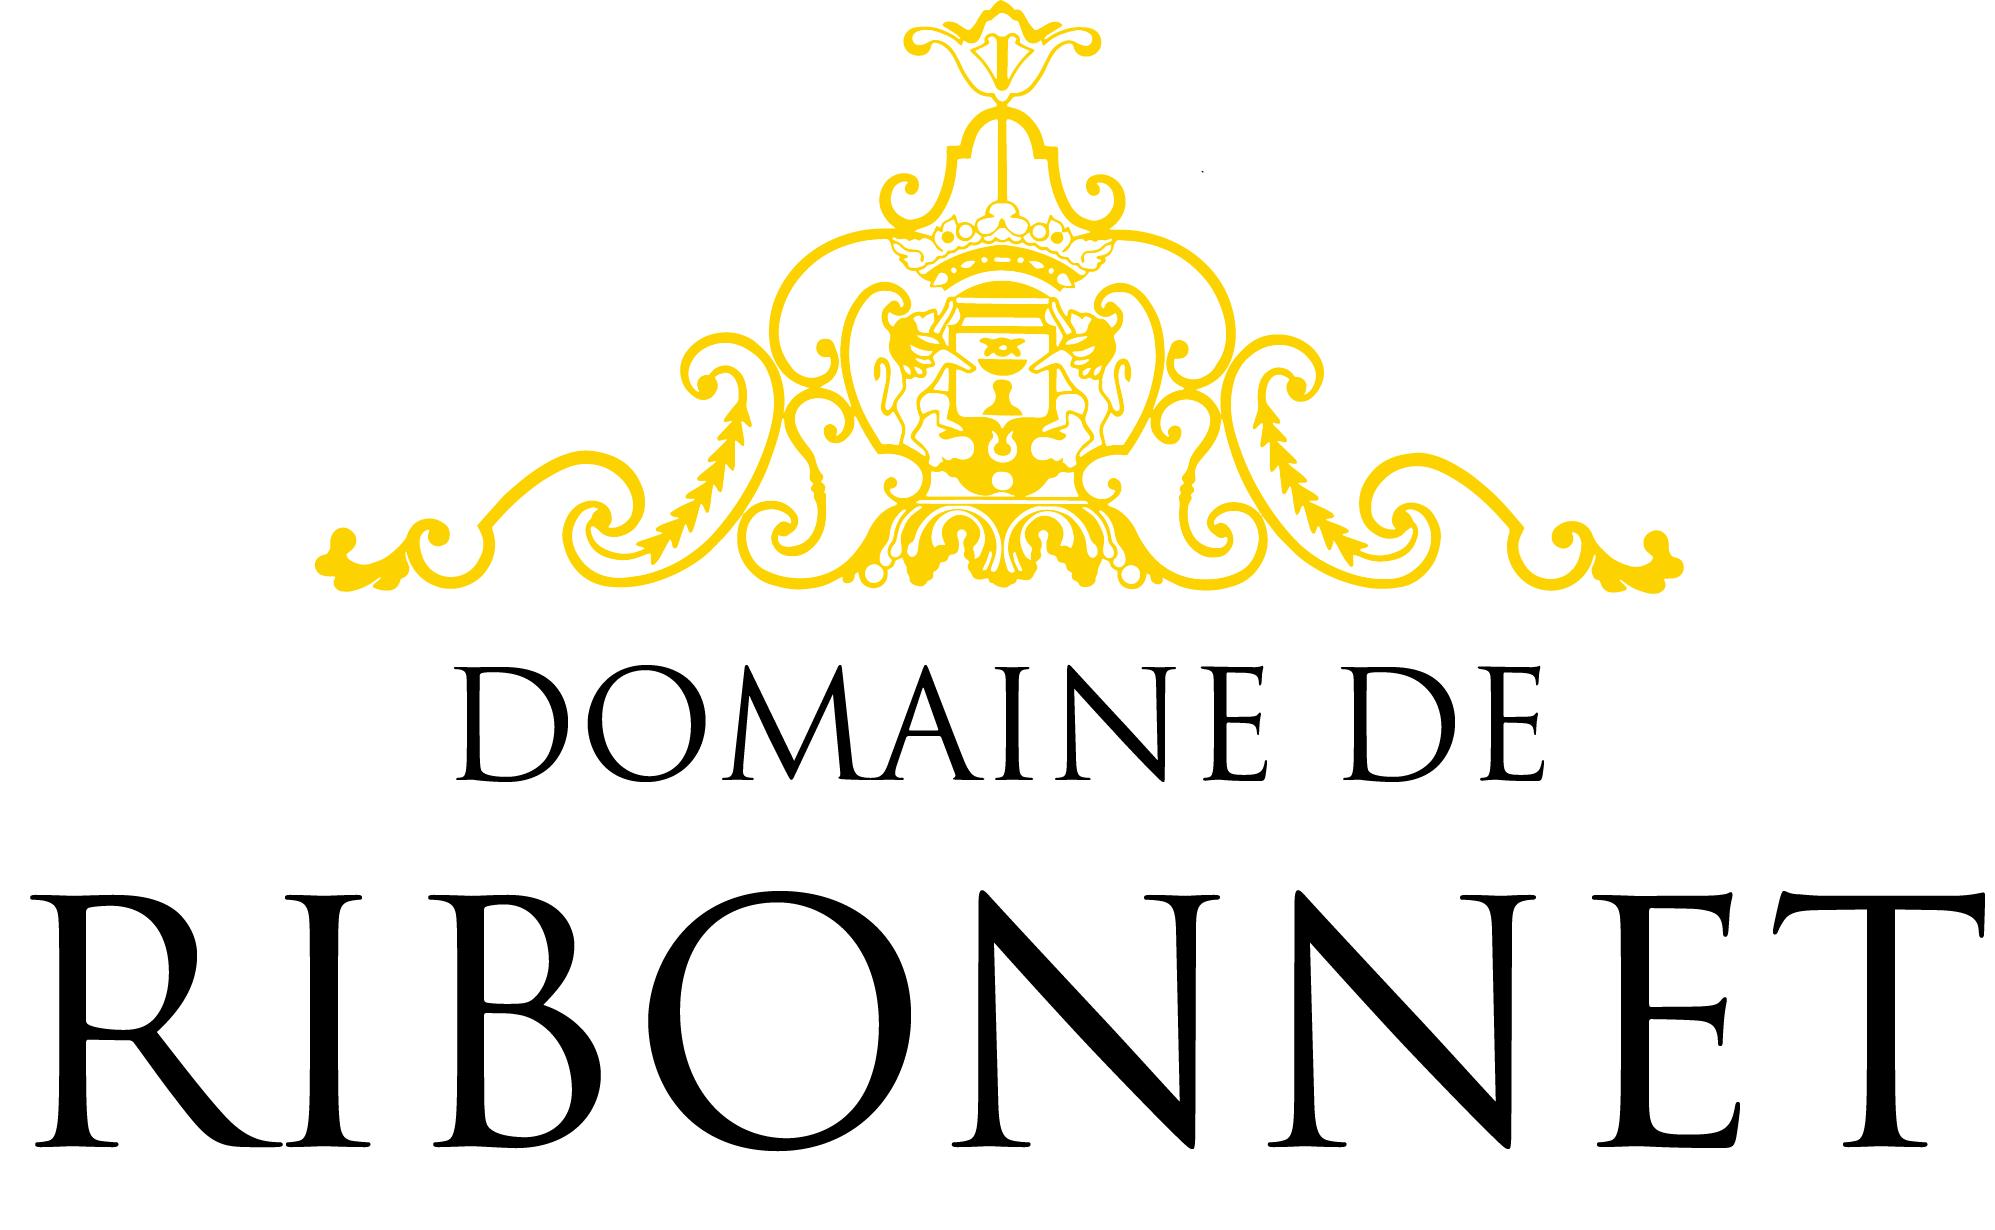 RIBONNET Domaine